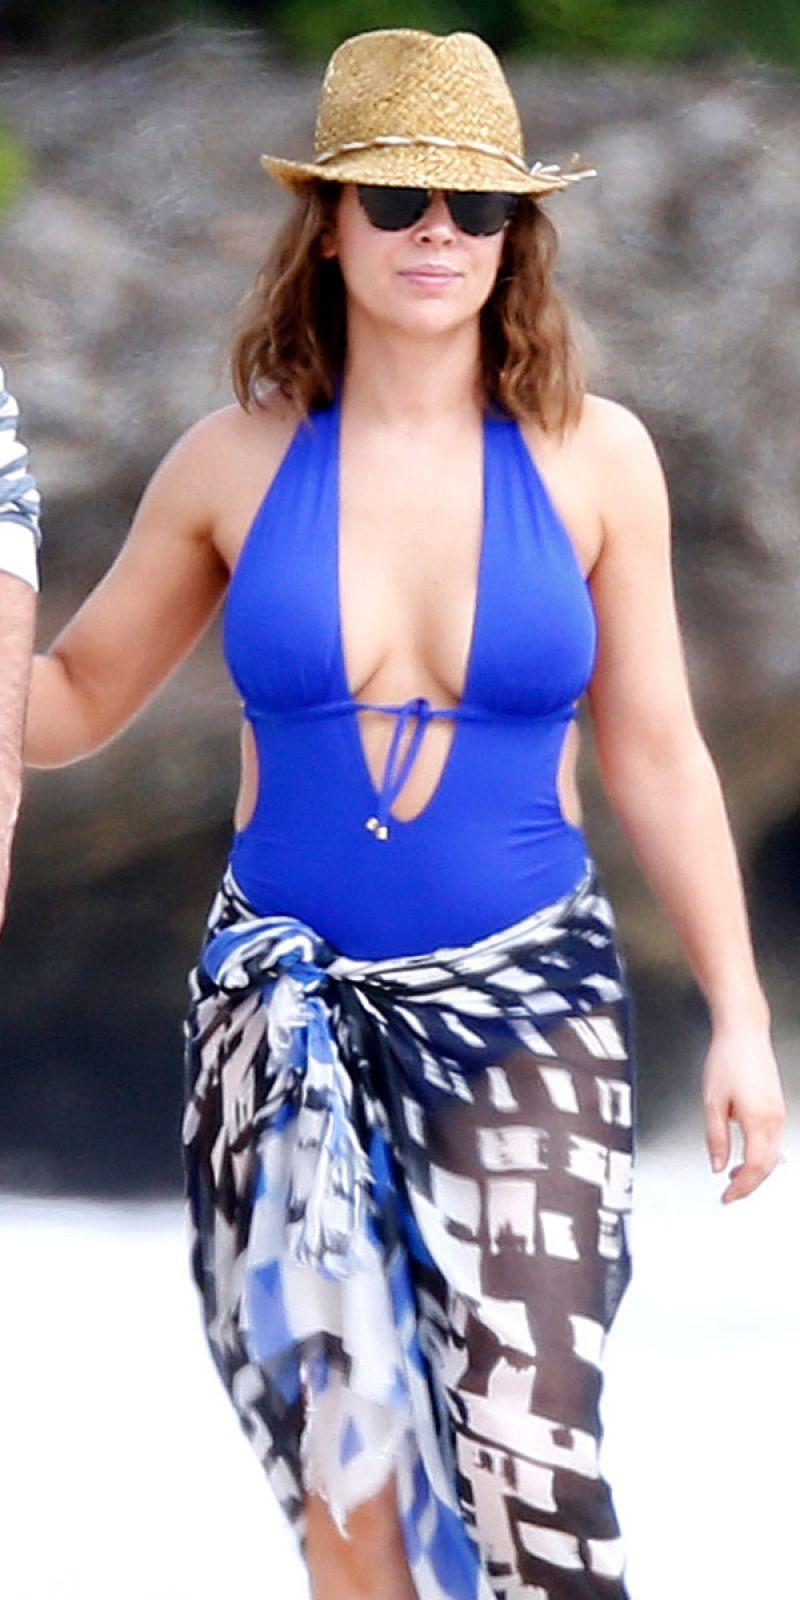 Alyssa Milano In Bikini